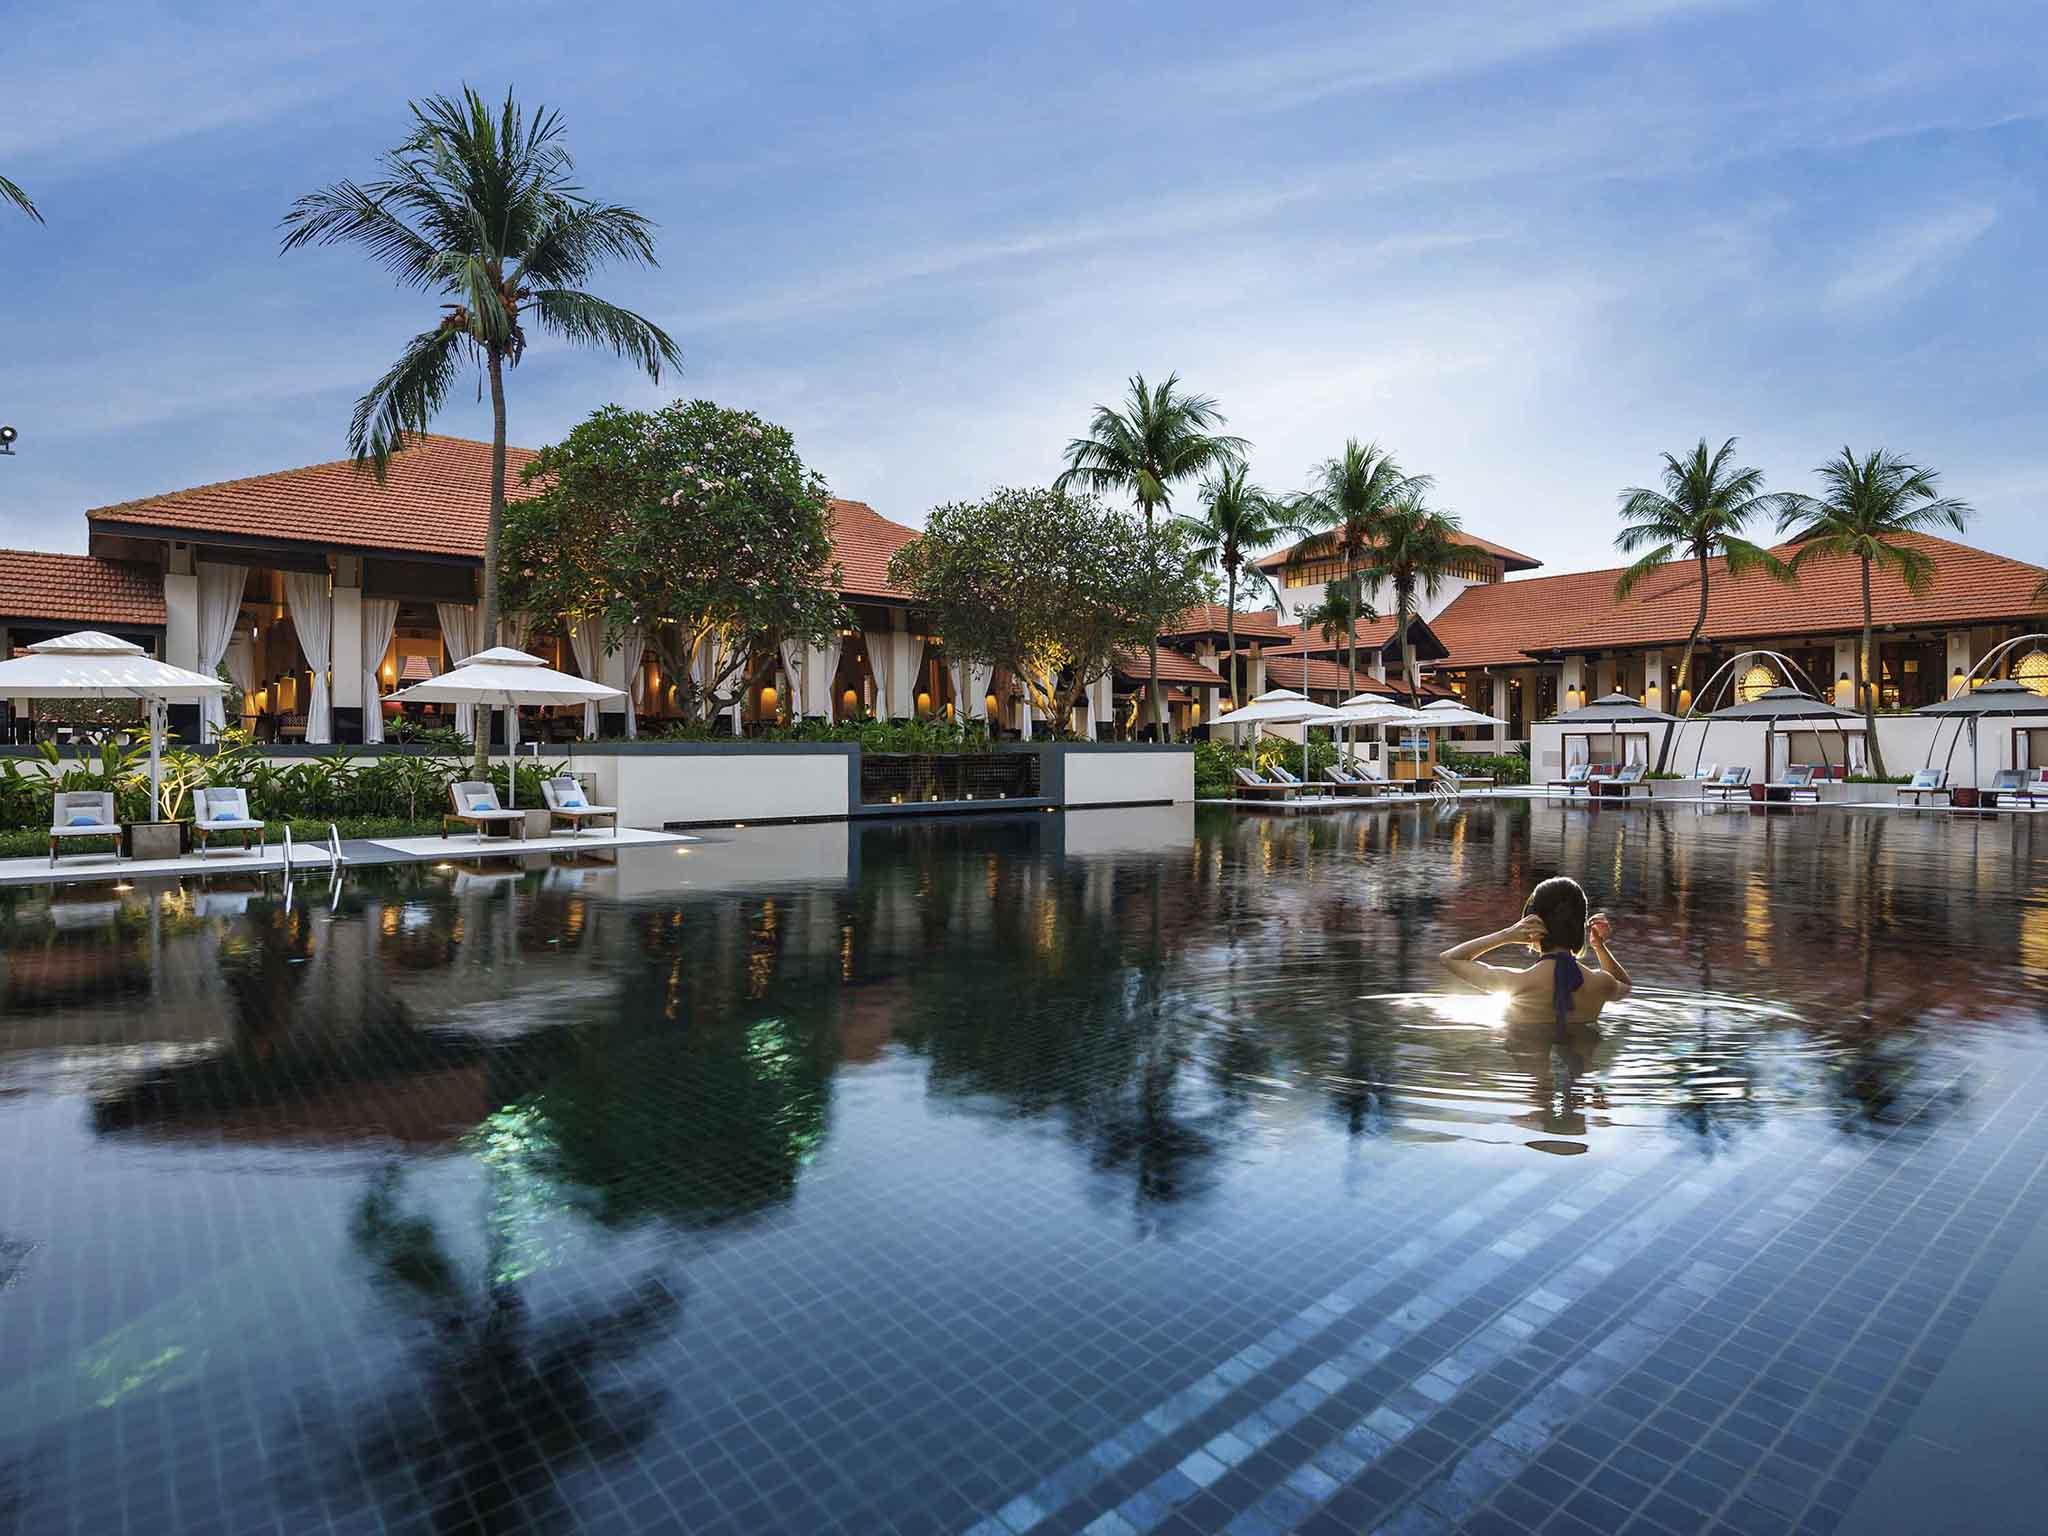 酒店 – 新加坡圣淘沙索菲特水疗度假酒店